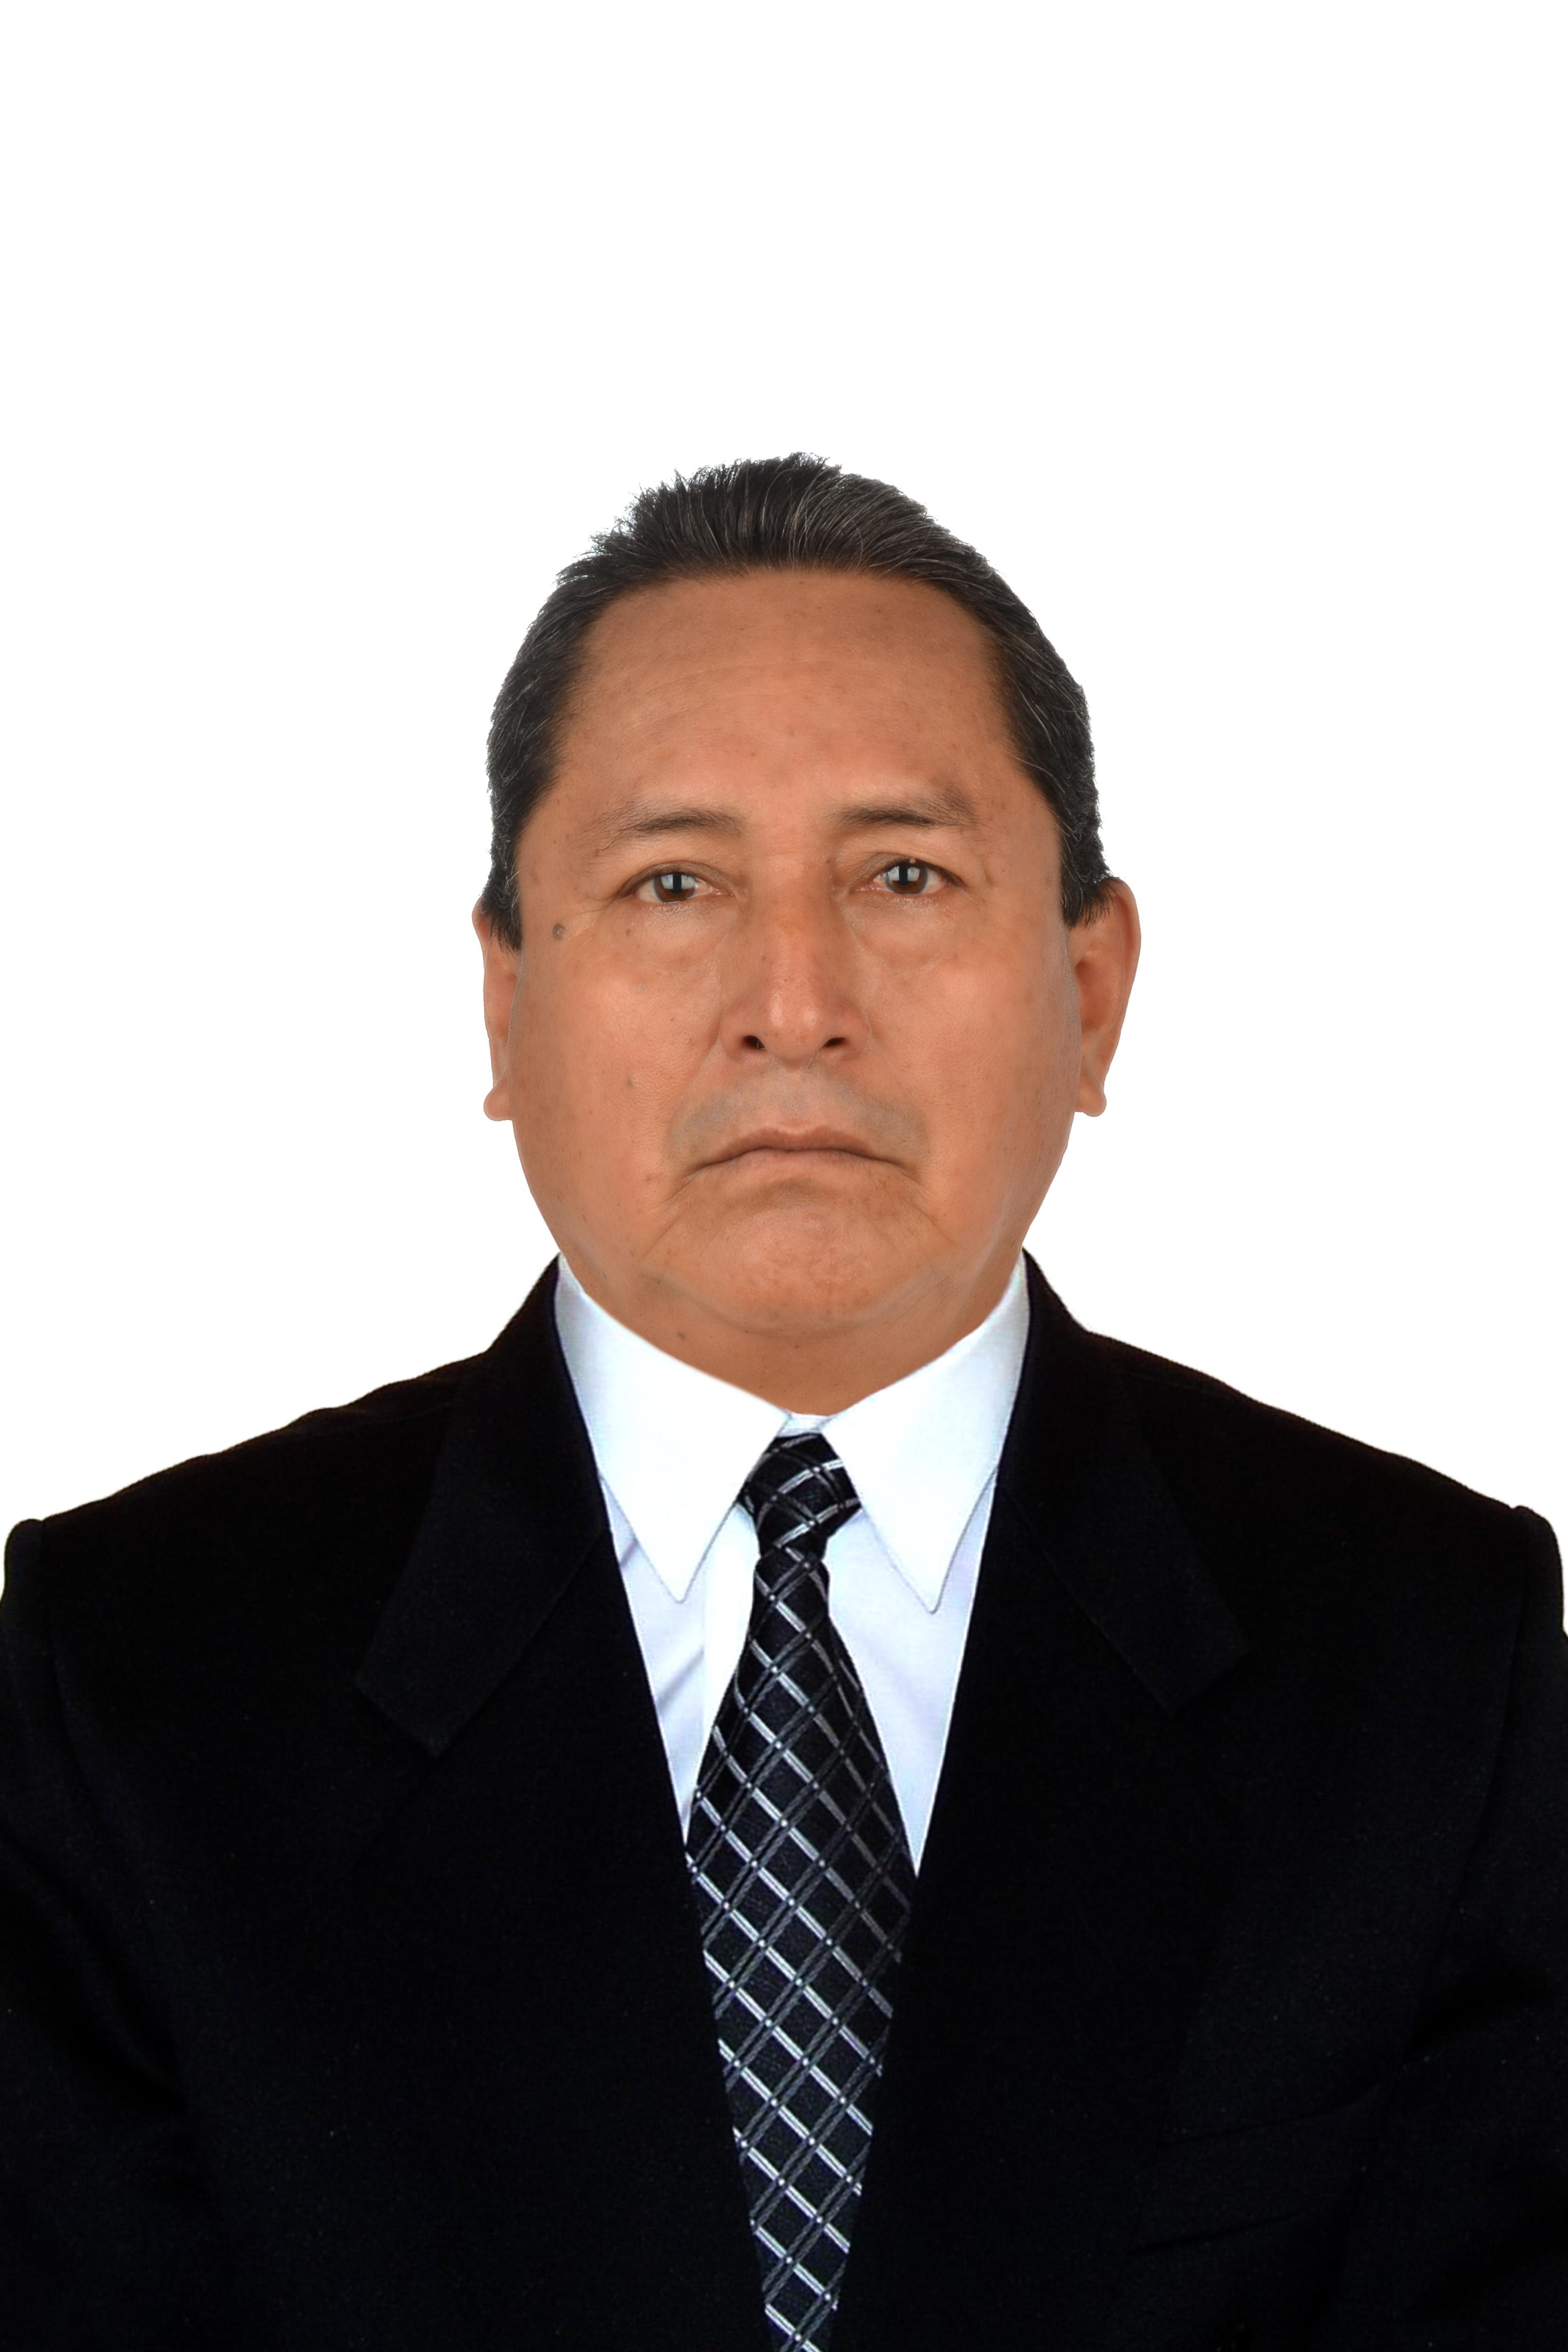 Armando Delgado Cespedes